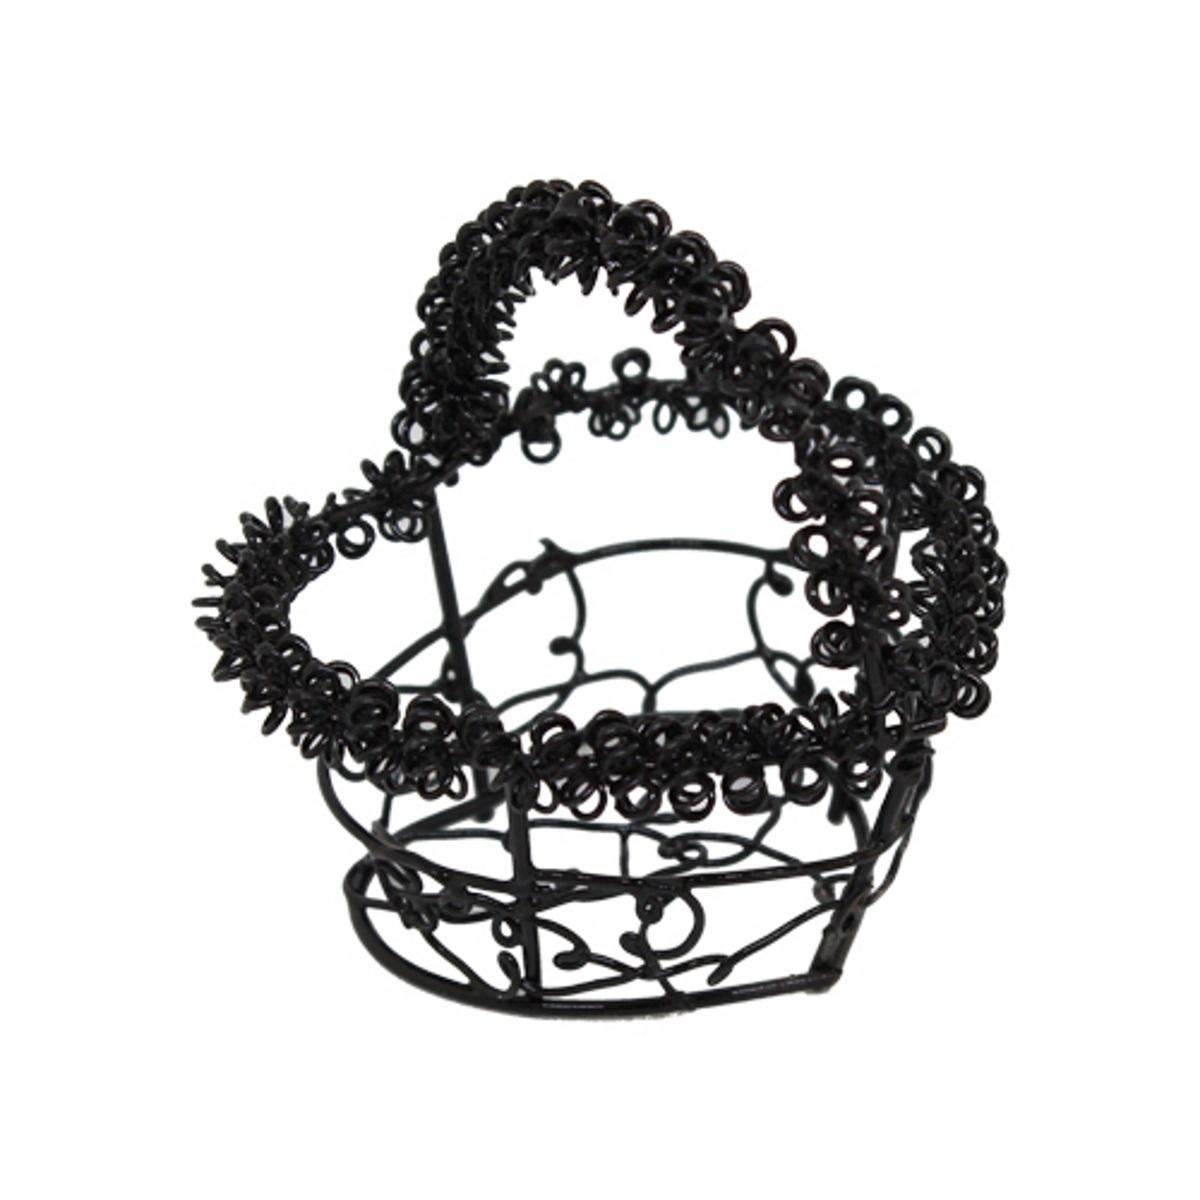 1204 Корзинка витая металлическая в форме сердца, 4,5*6,5см